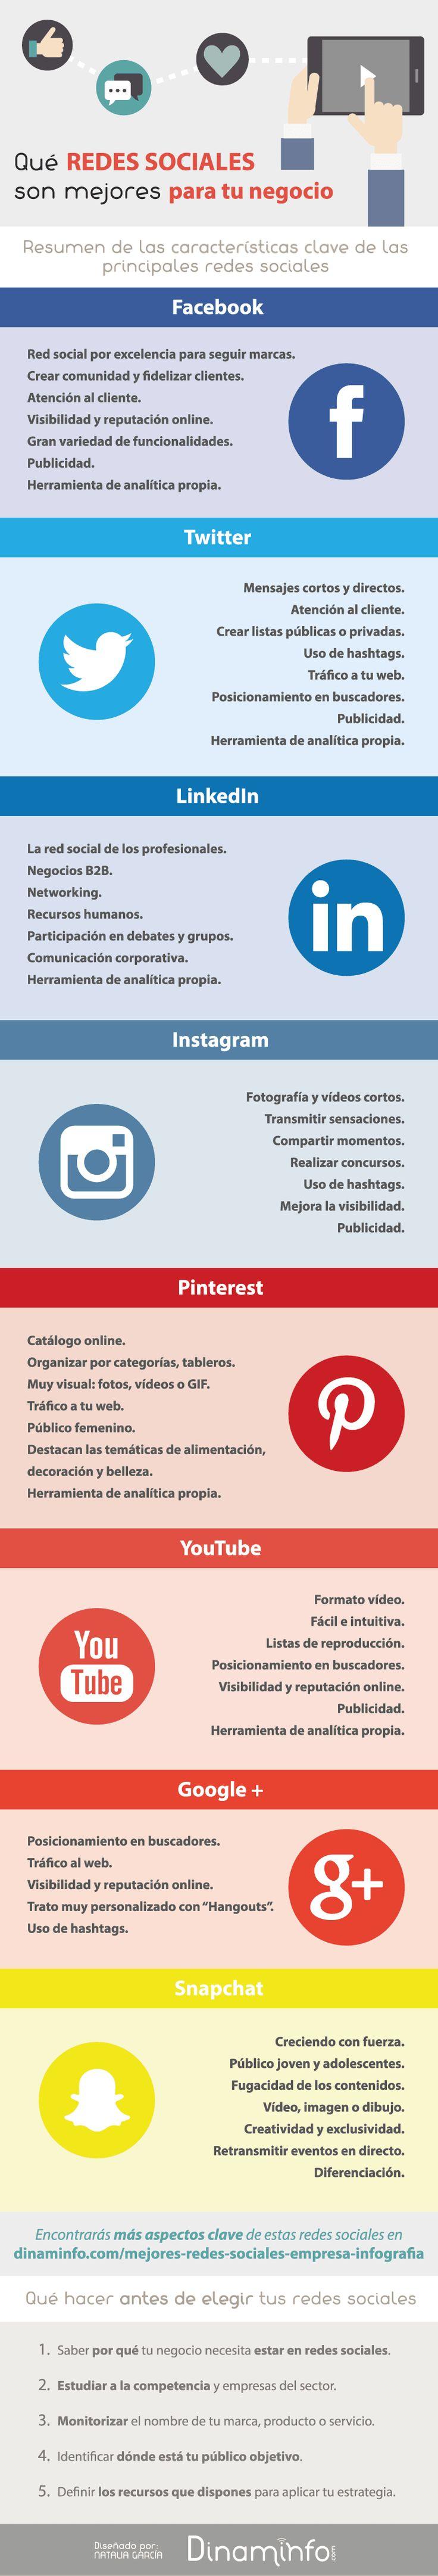 Qué redes sociales son mejores para tu empresa #infografía #socialmedia